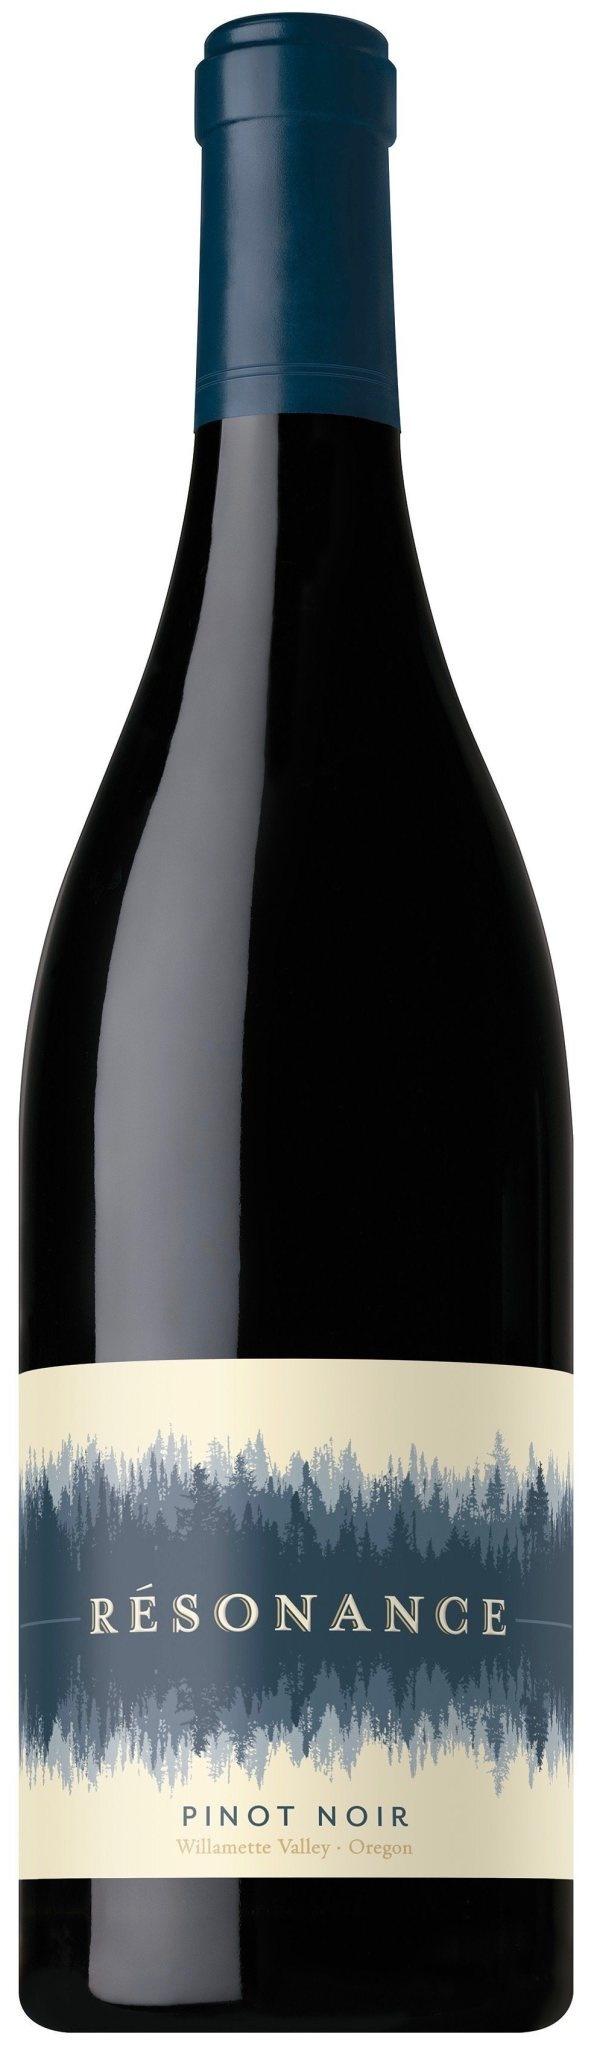 Resonance Pinot Noir 2016 - 750ml